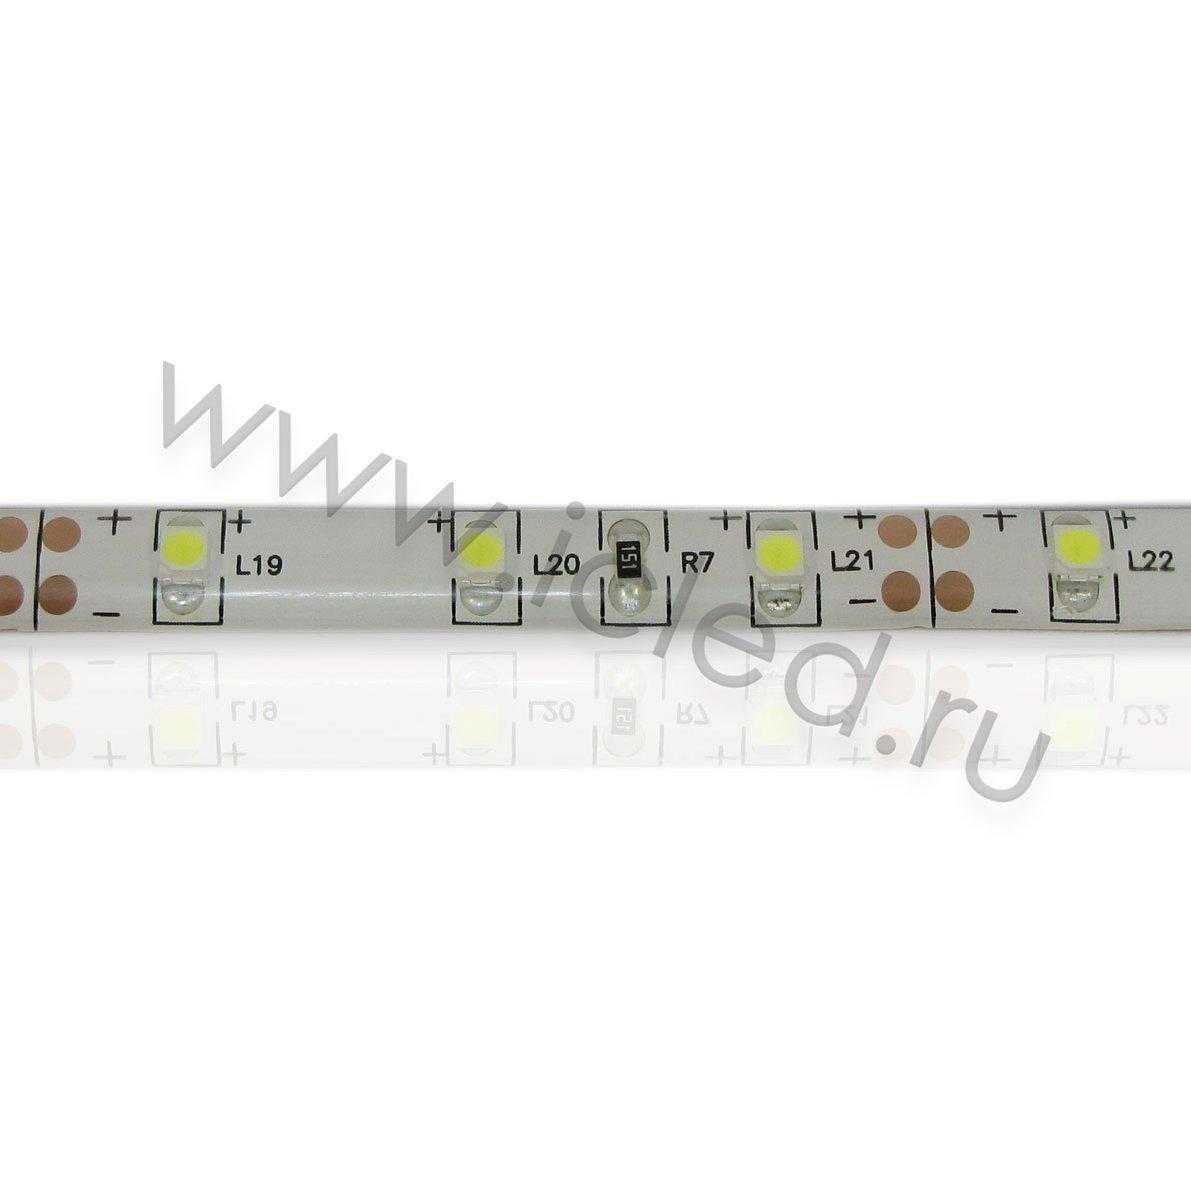 Светодиодная лента Class A, 3528, 60led/m, White, 12V, IP65